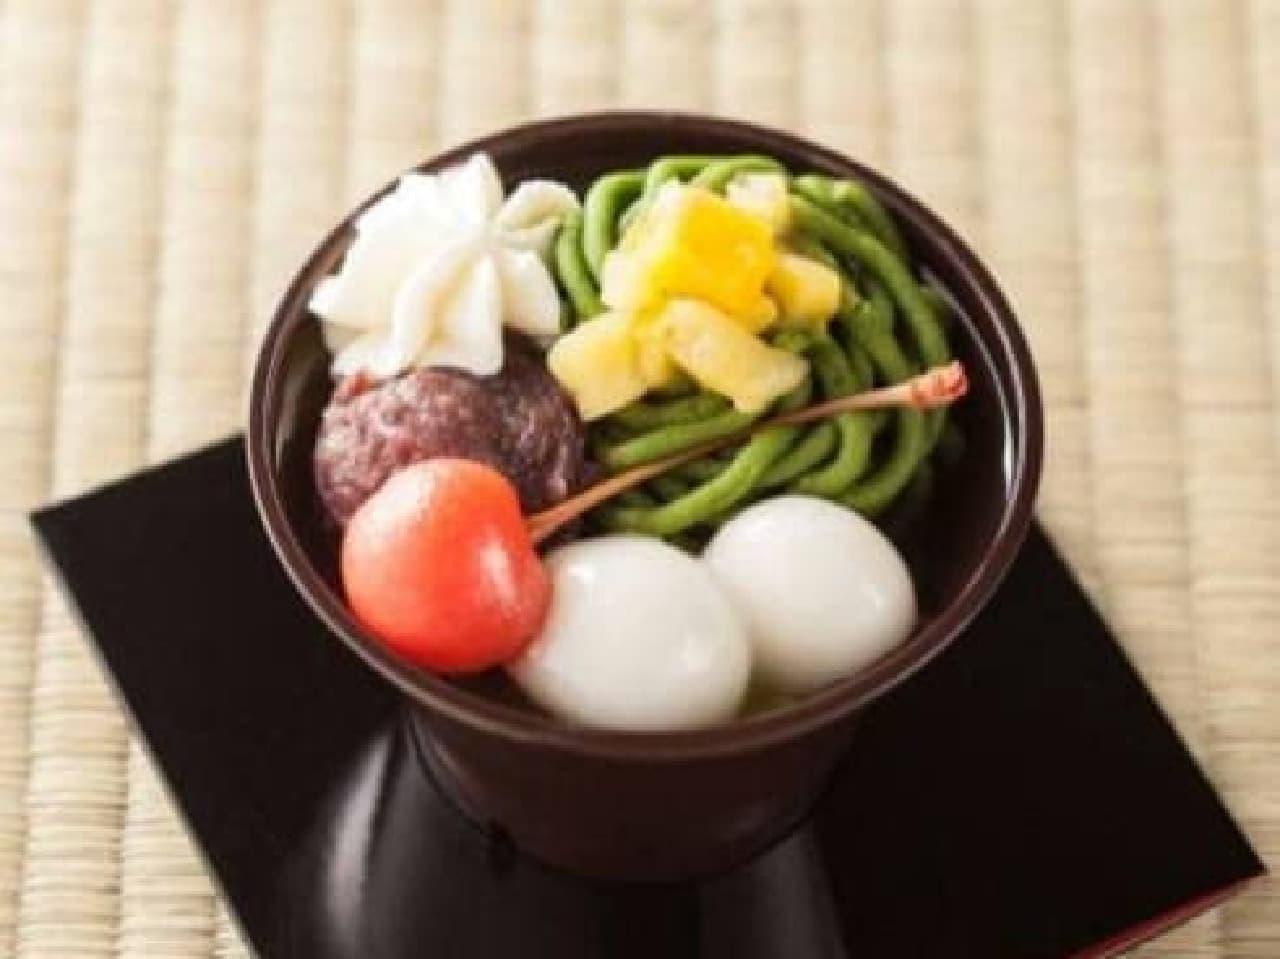 セブン-イレブン「宇治抹茶と黒糖寒天の和ぱふぇ」